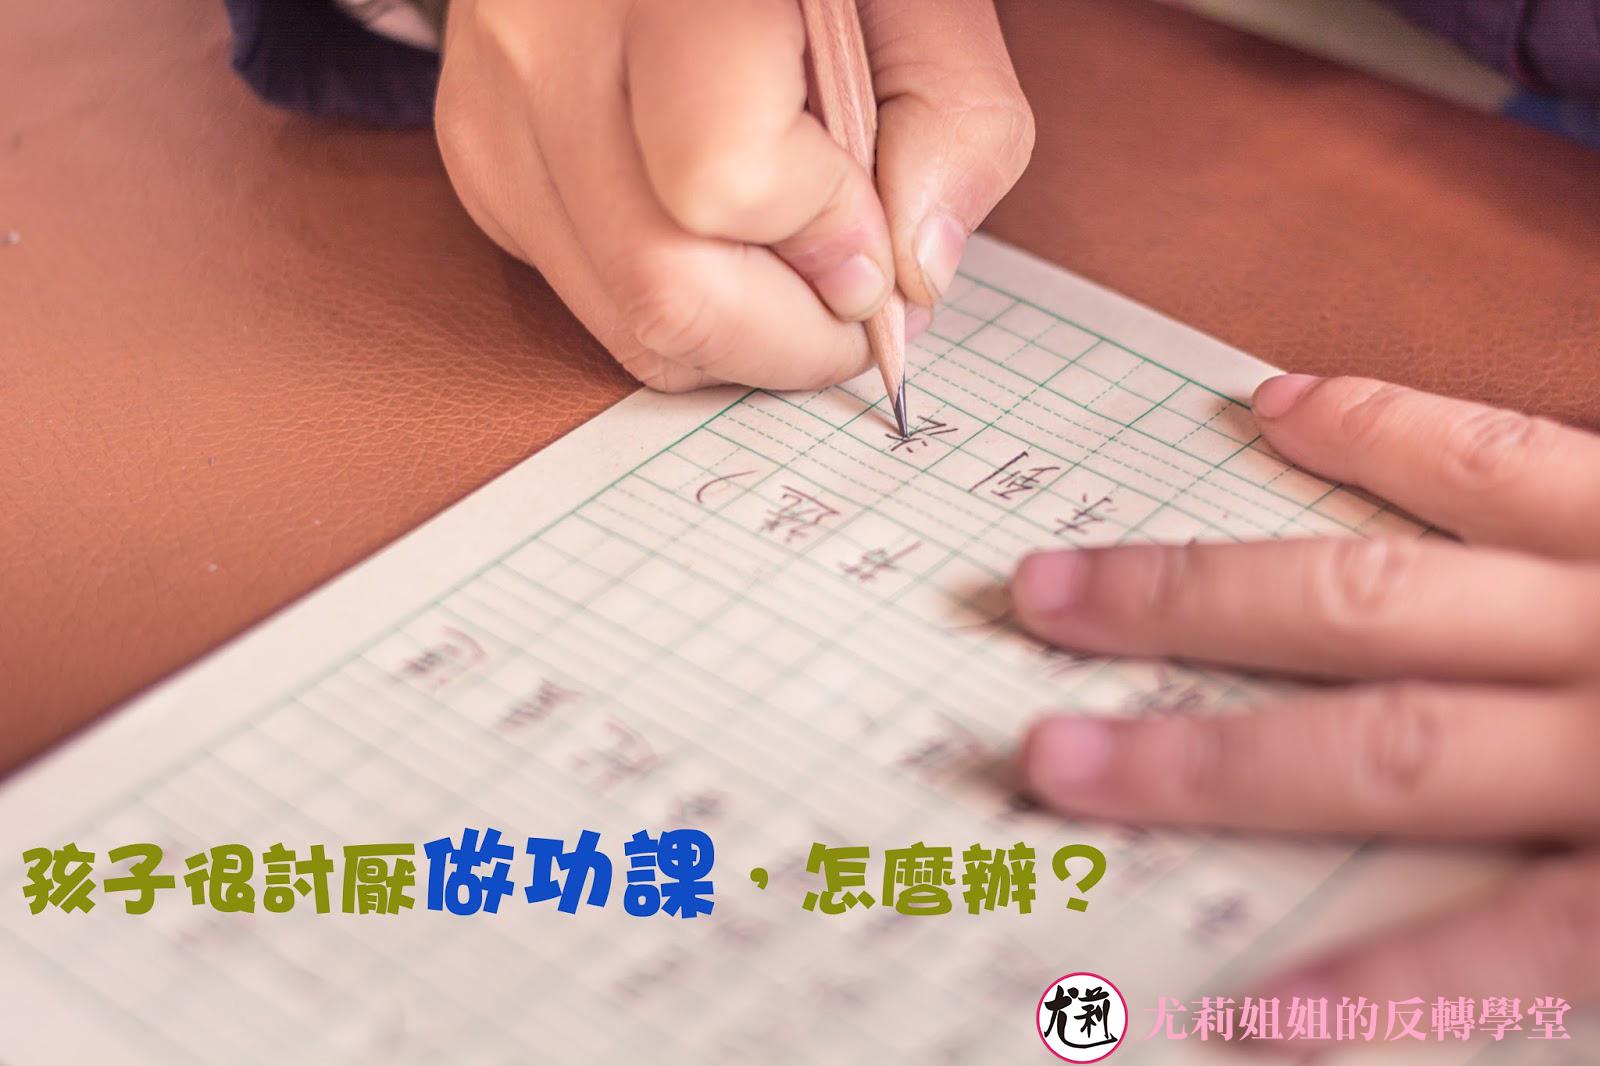 孩子很討厭做功課,怎麼辦?|家長心語|尤莉姐姐的反轉學堂